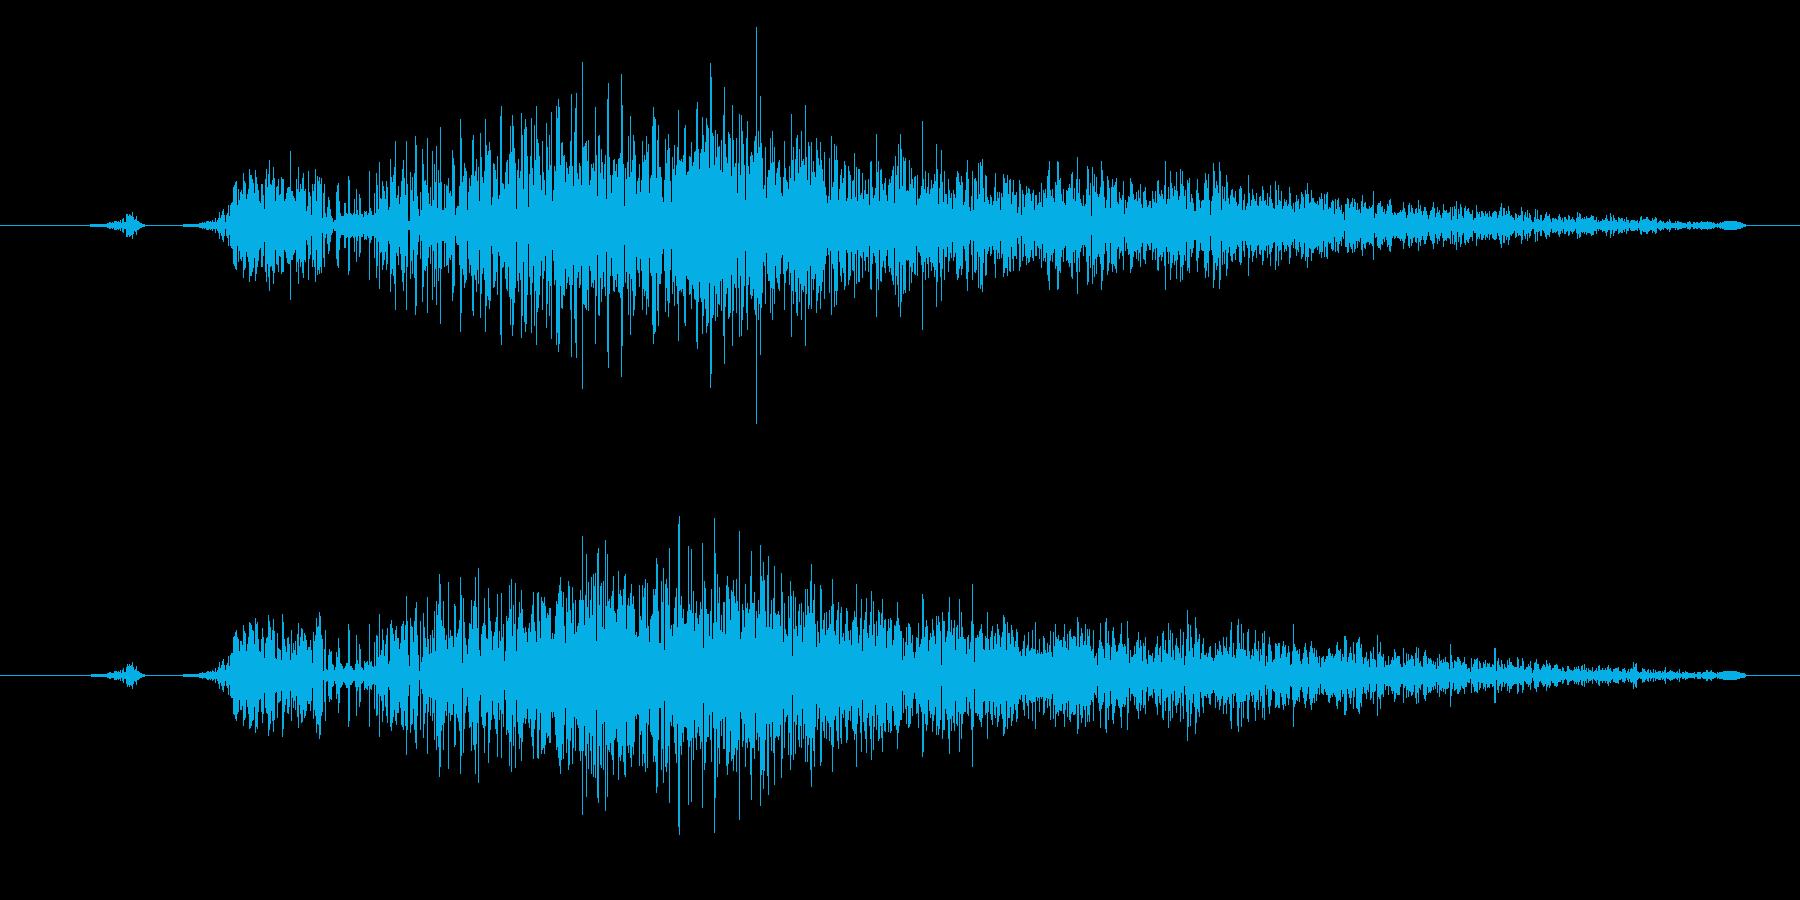 ジャンプ/飛ぶ/はねるに最適な効果音!の再生済みの波形